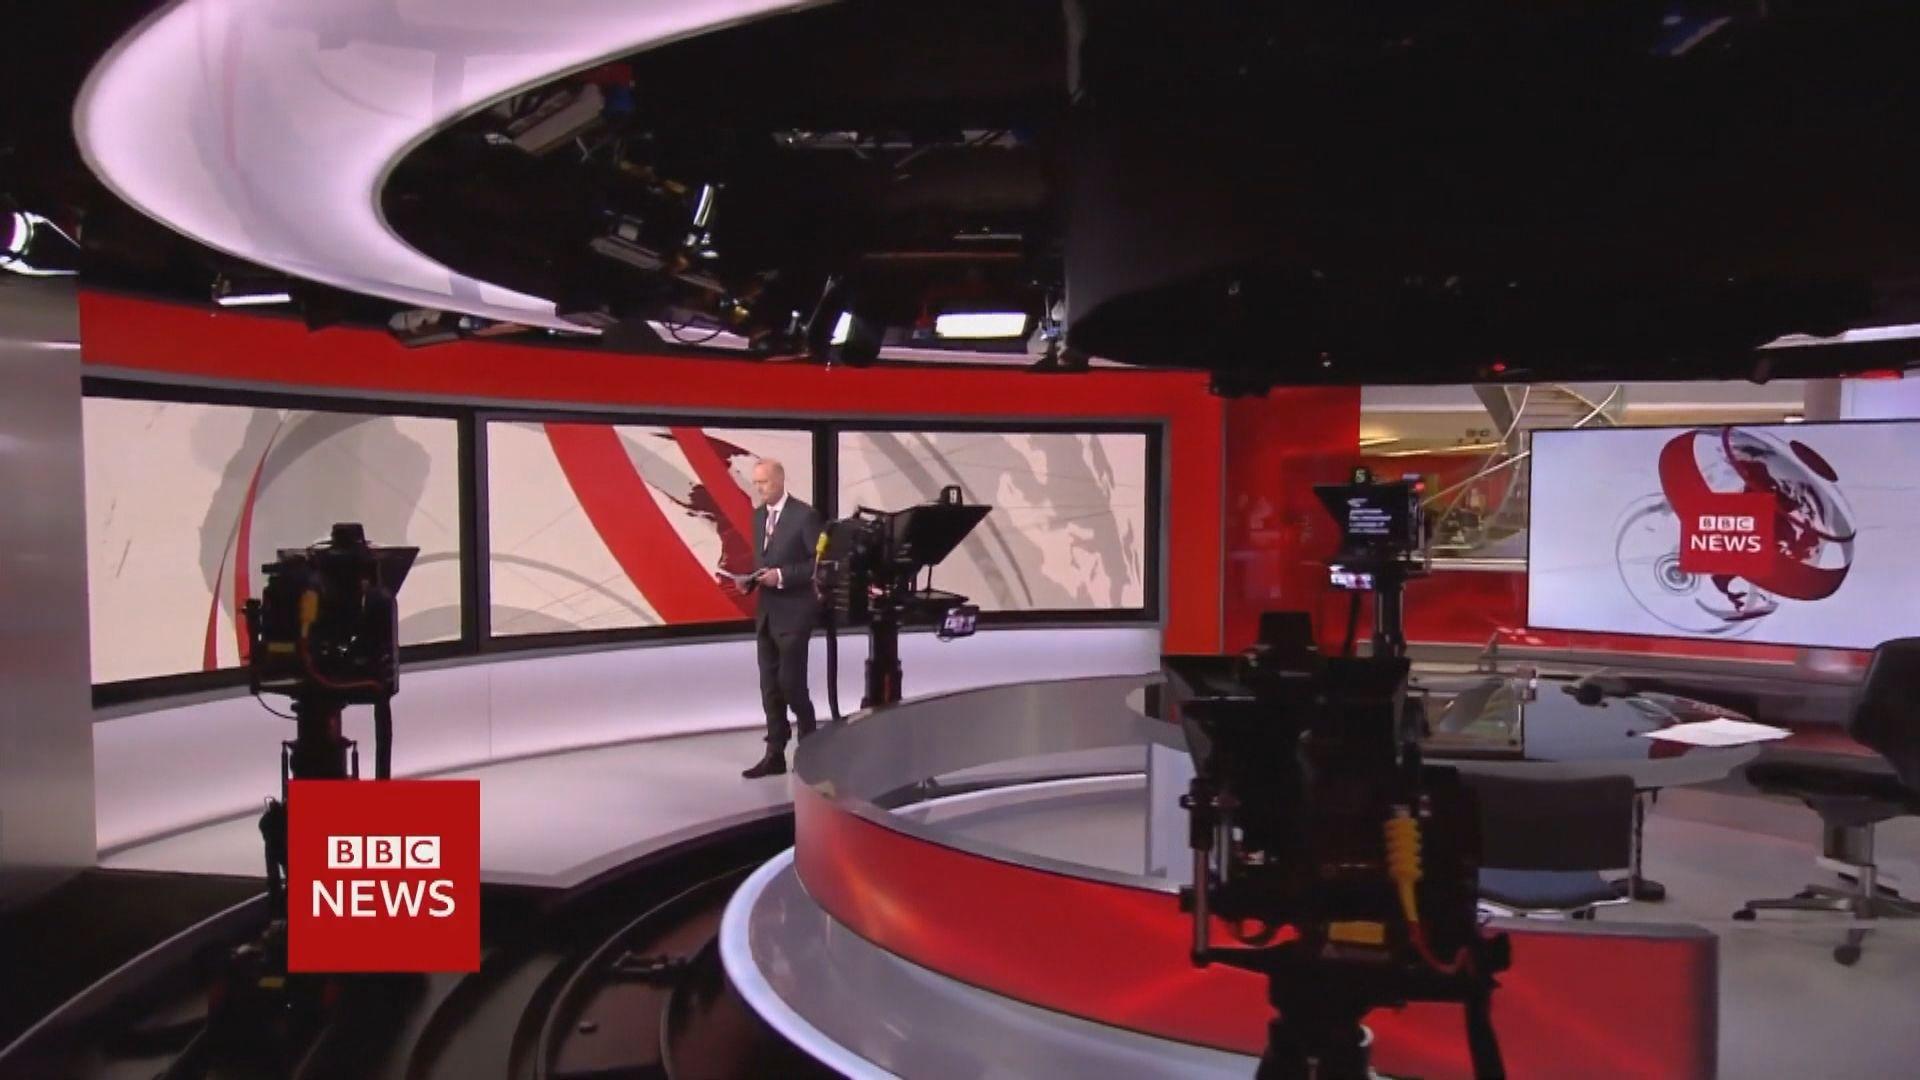 內地禁播BBC世界新聞台 英美批評打壓媒體自由